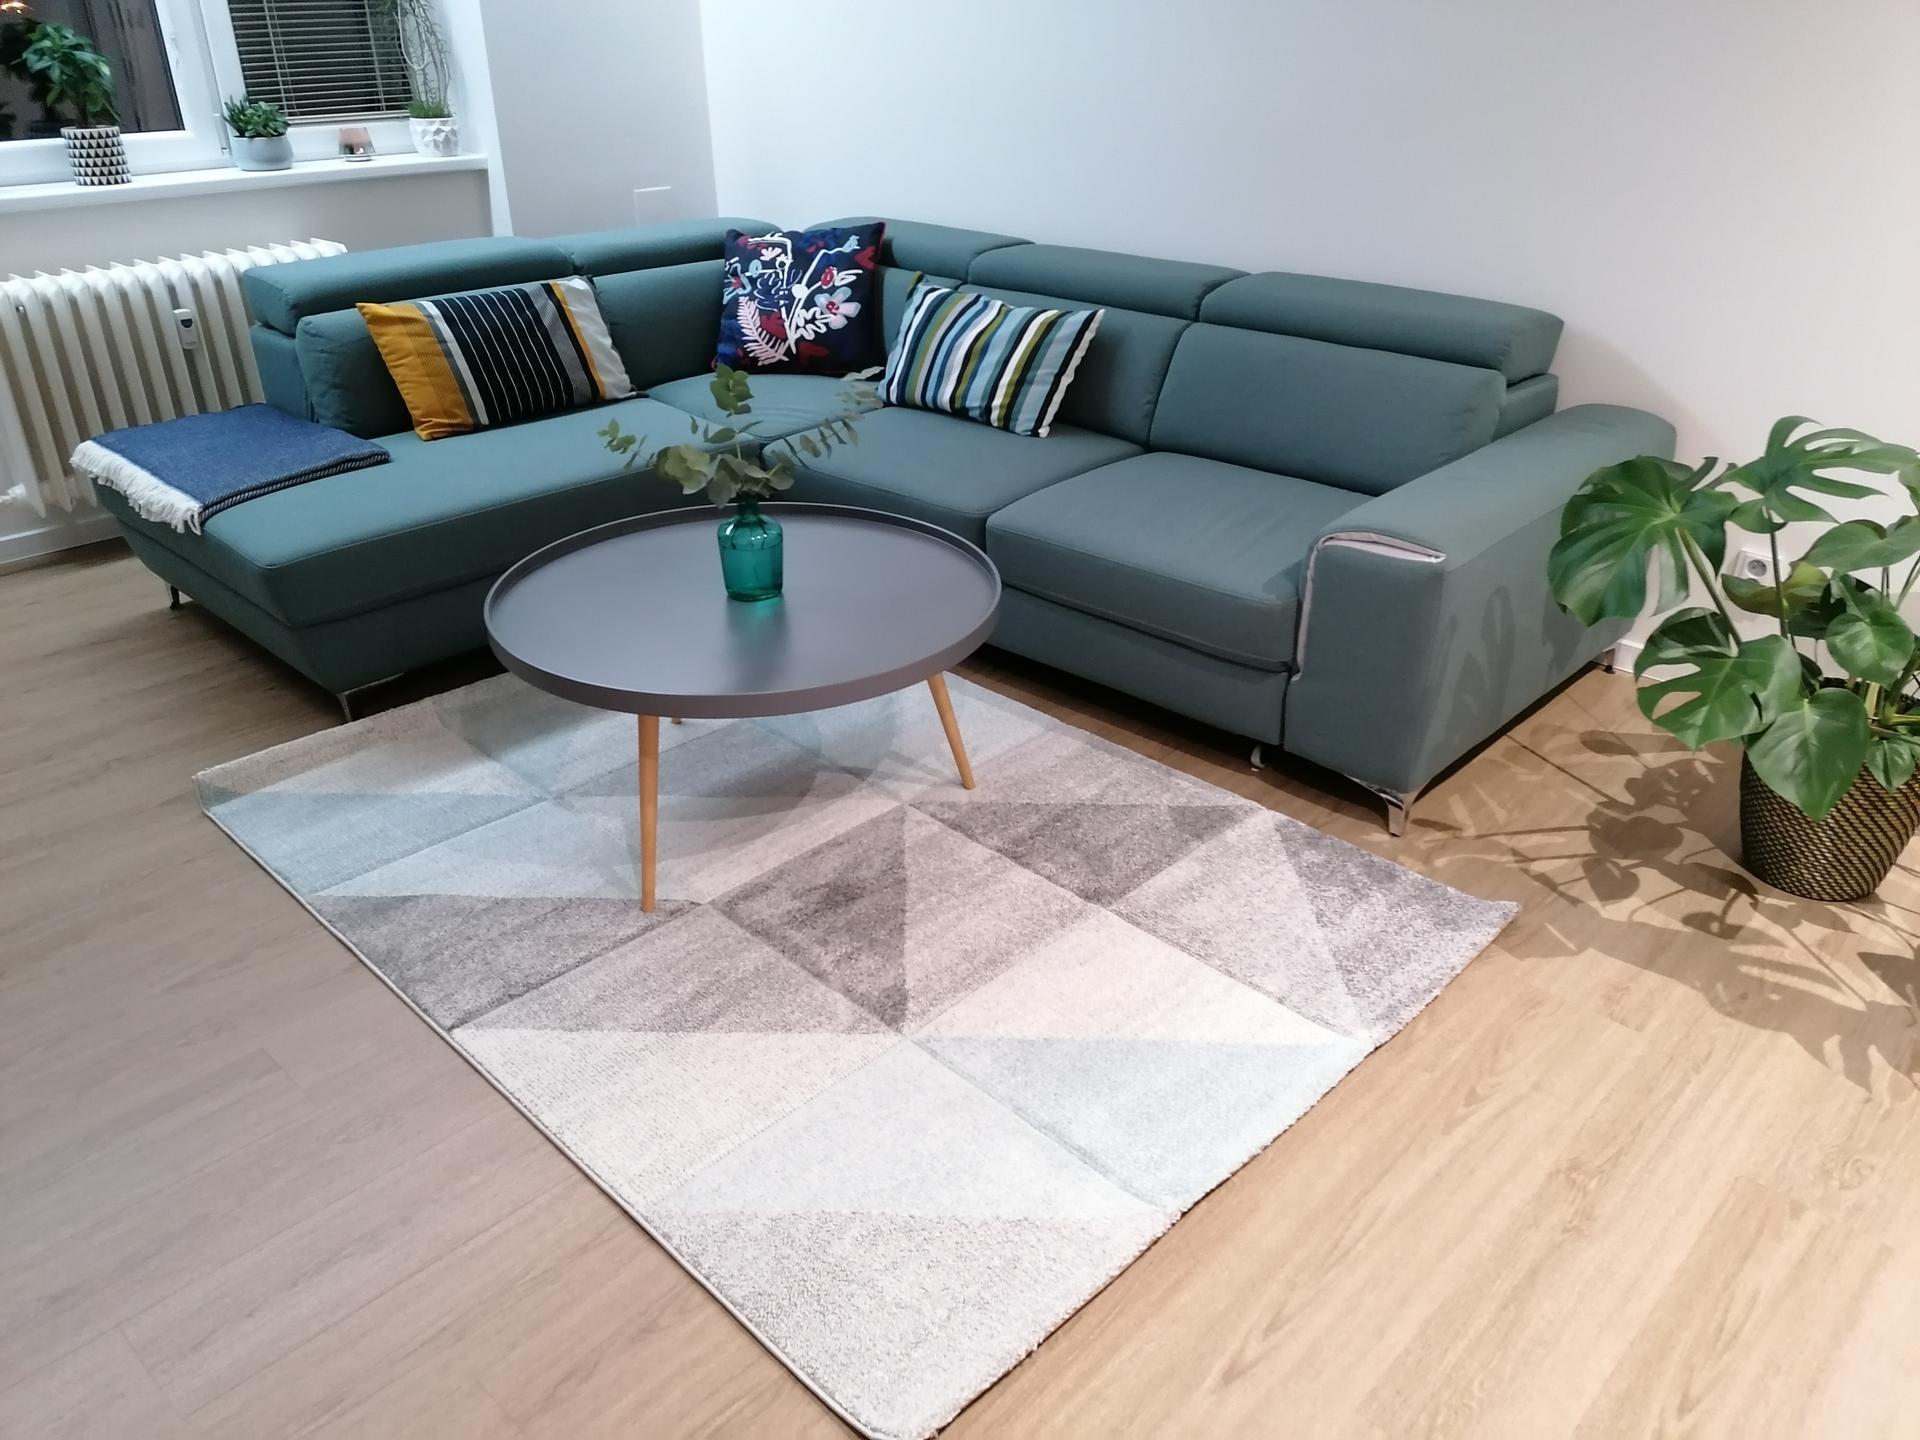 Co myslíte, hodí se nový koberec, nebo mám nechat původní?(šedý) - Obrázek č. 3